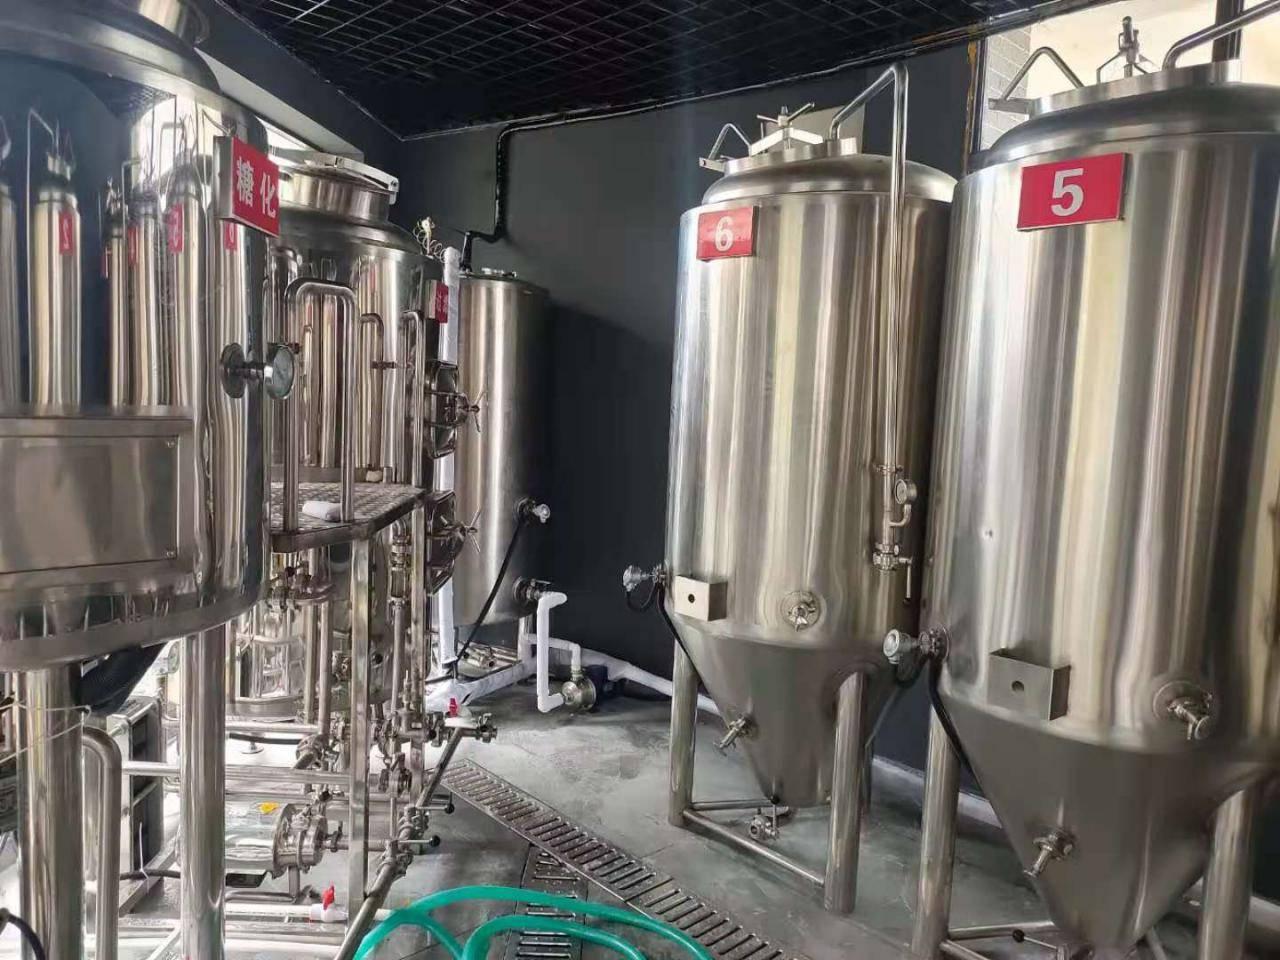 温州1000l精酿啤酒设备-一套精酿啤酒设备多少钱?-大麦丫-精酿啤酒连锁超市,工厂店平价酒吧免费加盟